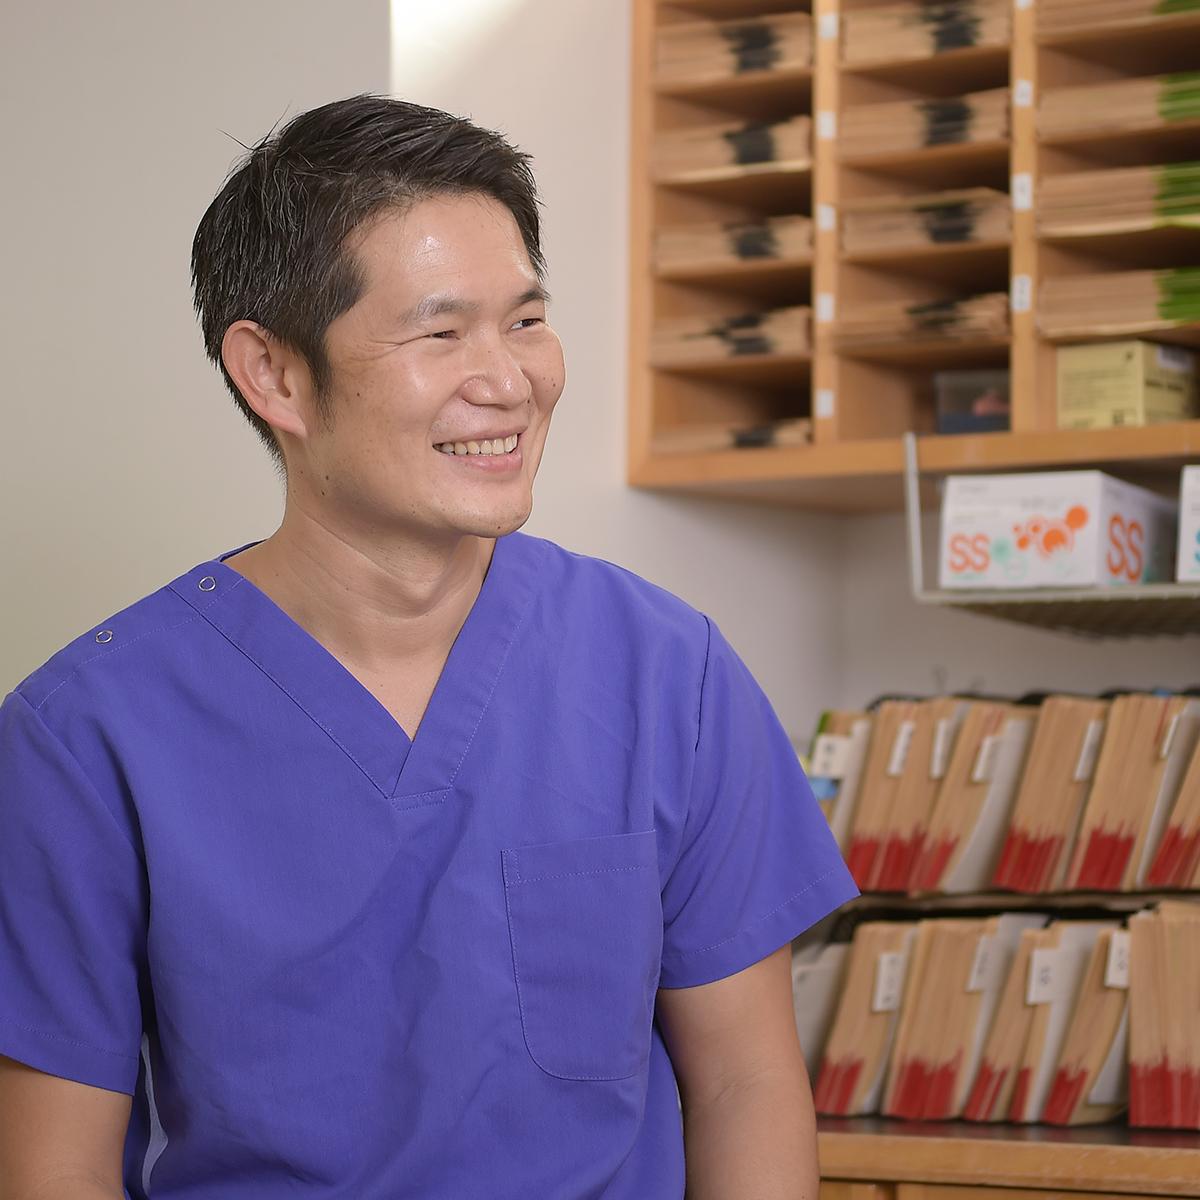 審美歯科には保険適応と保険適応外があります。